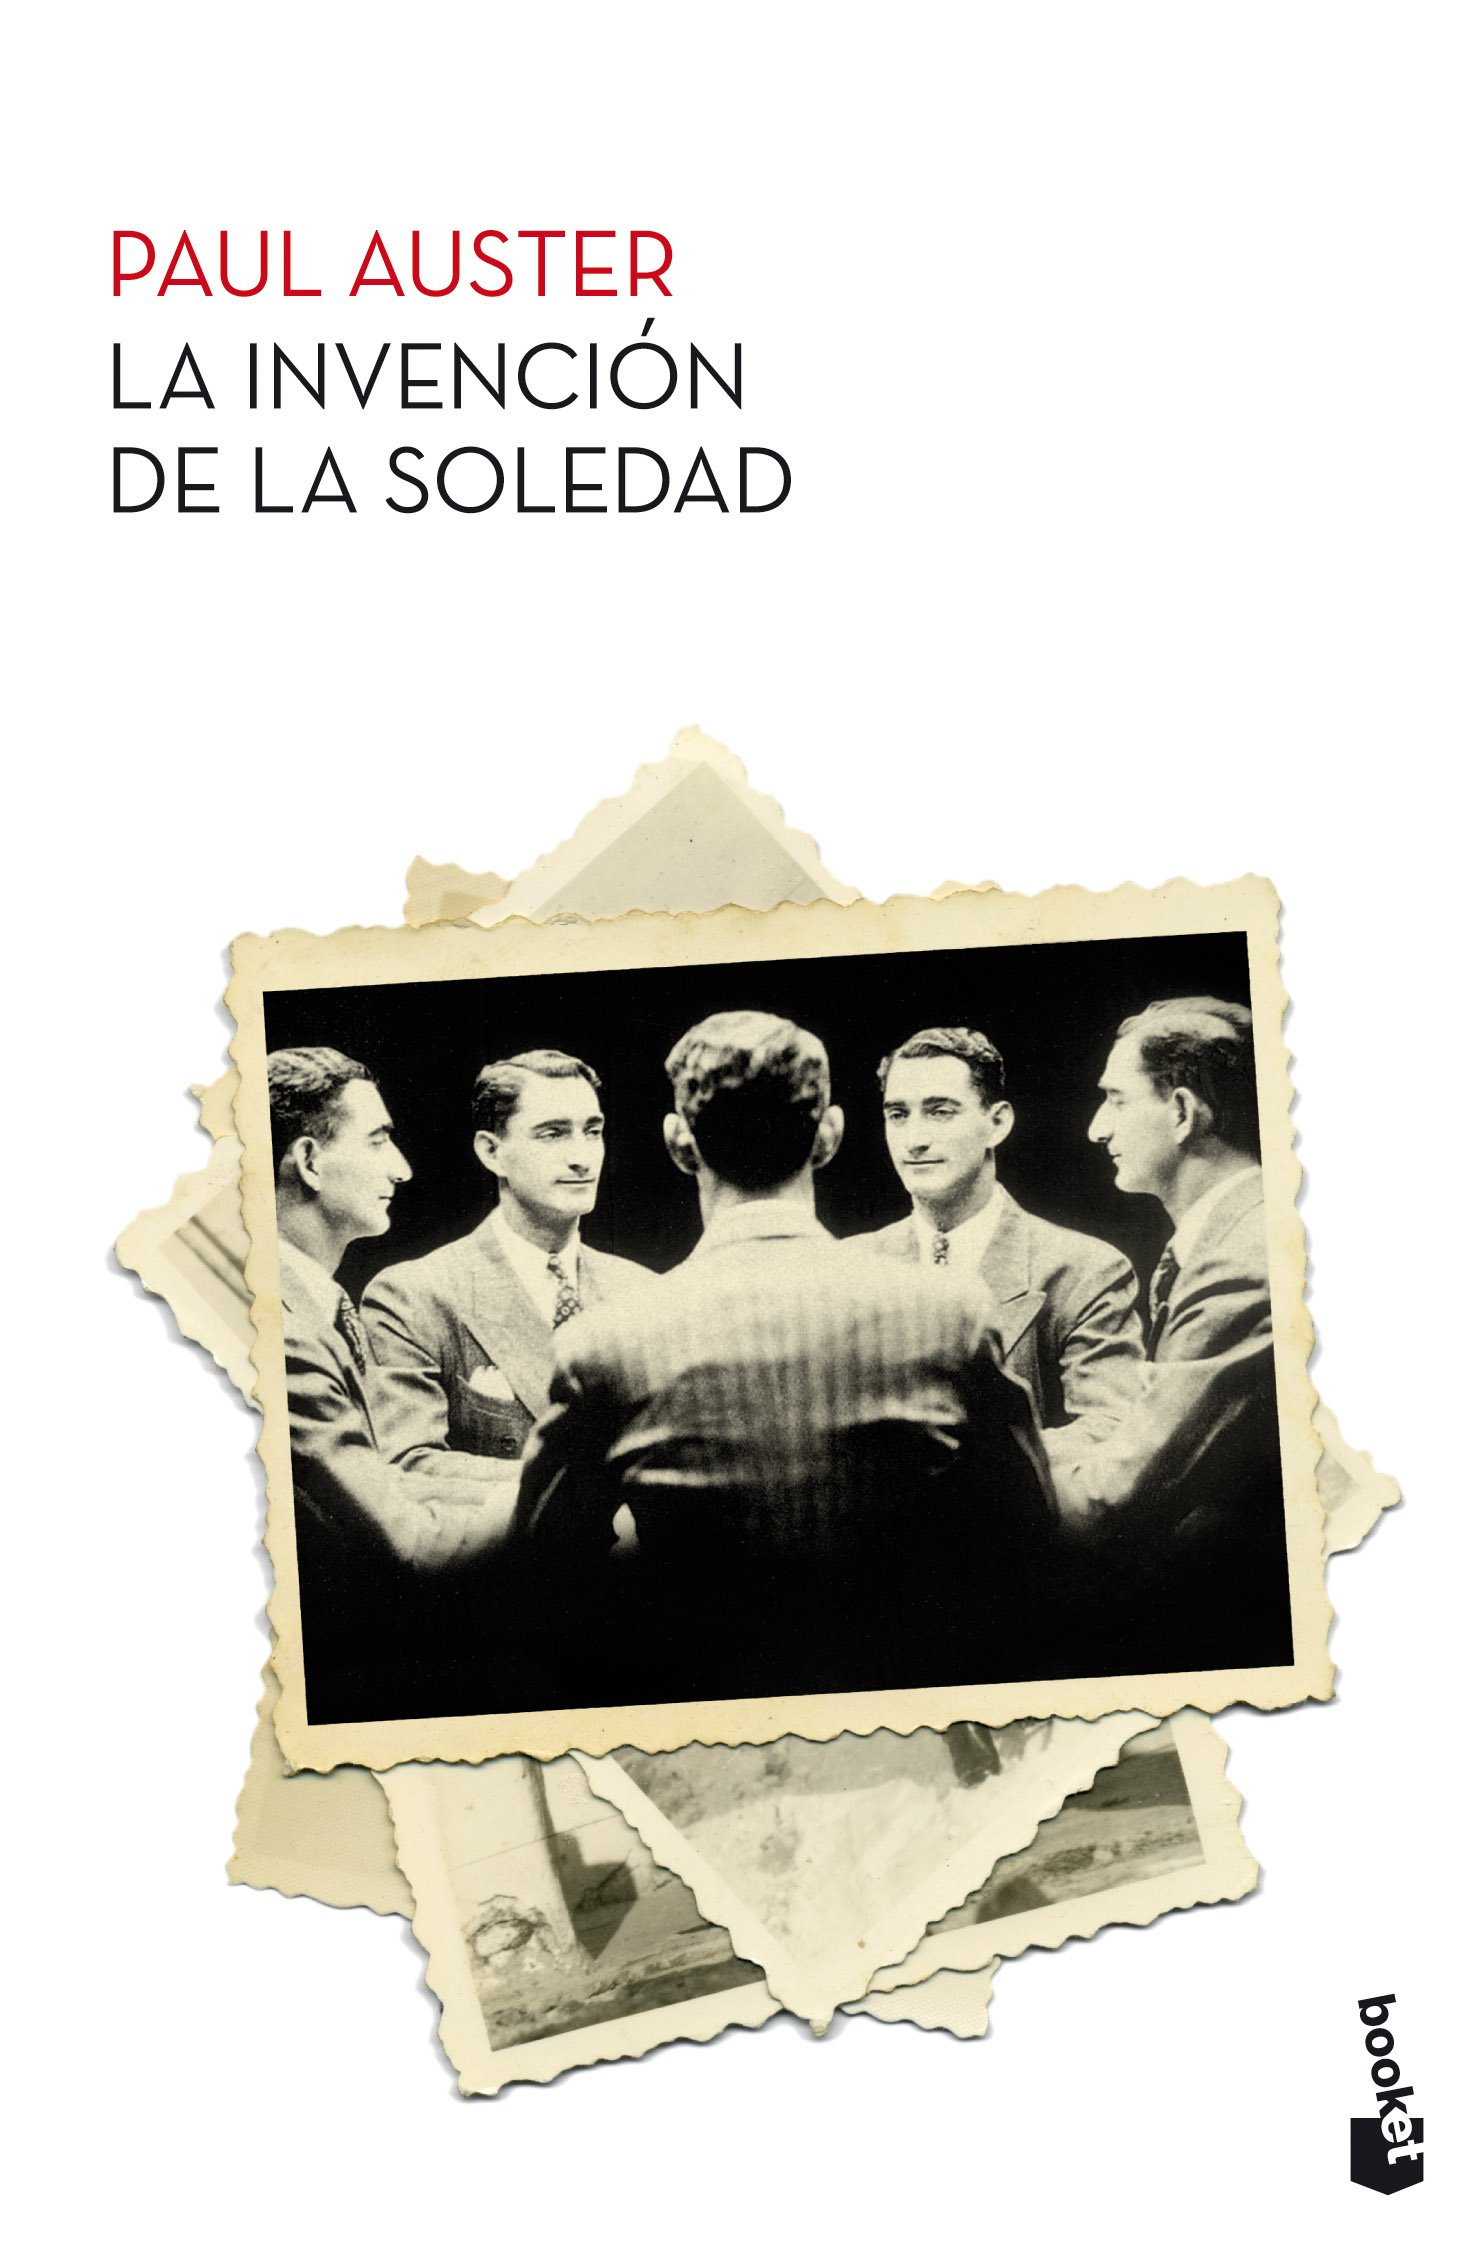 La invención de la soledad (Biblioteca Paul Auster): Amazon.es: Auster, Paul, Ciocchini Suárez, M.ª Eugenia: Libros